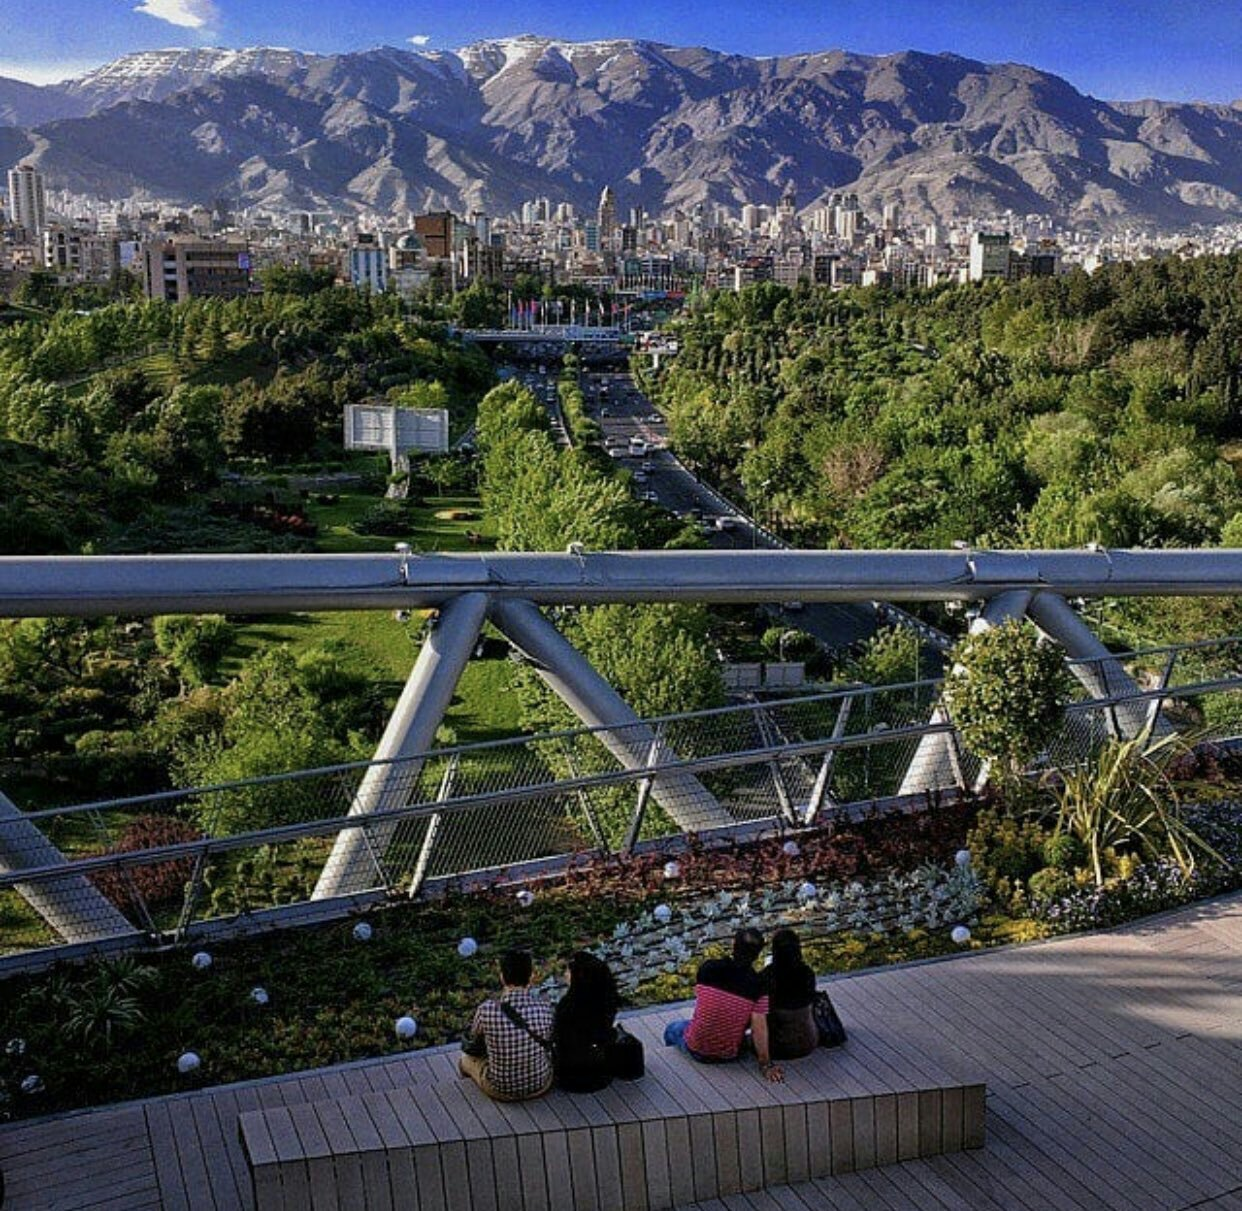 عدسة إيرانية: جسر الطبيعة في طهران 1